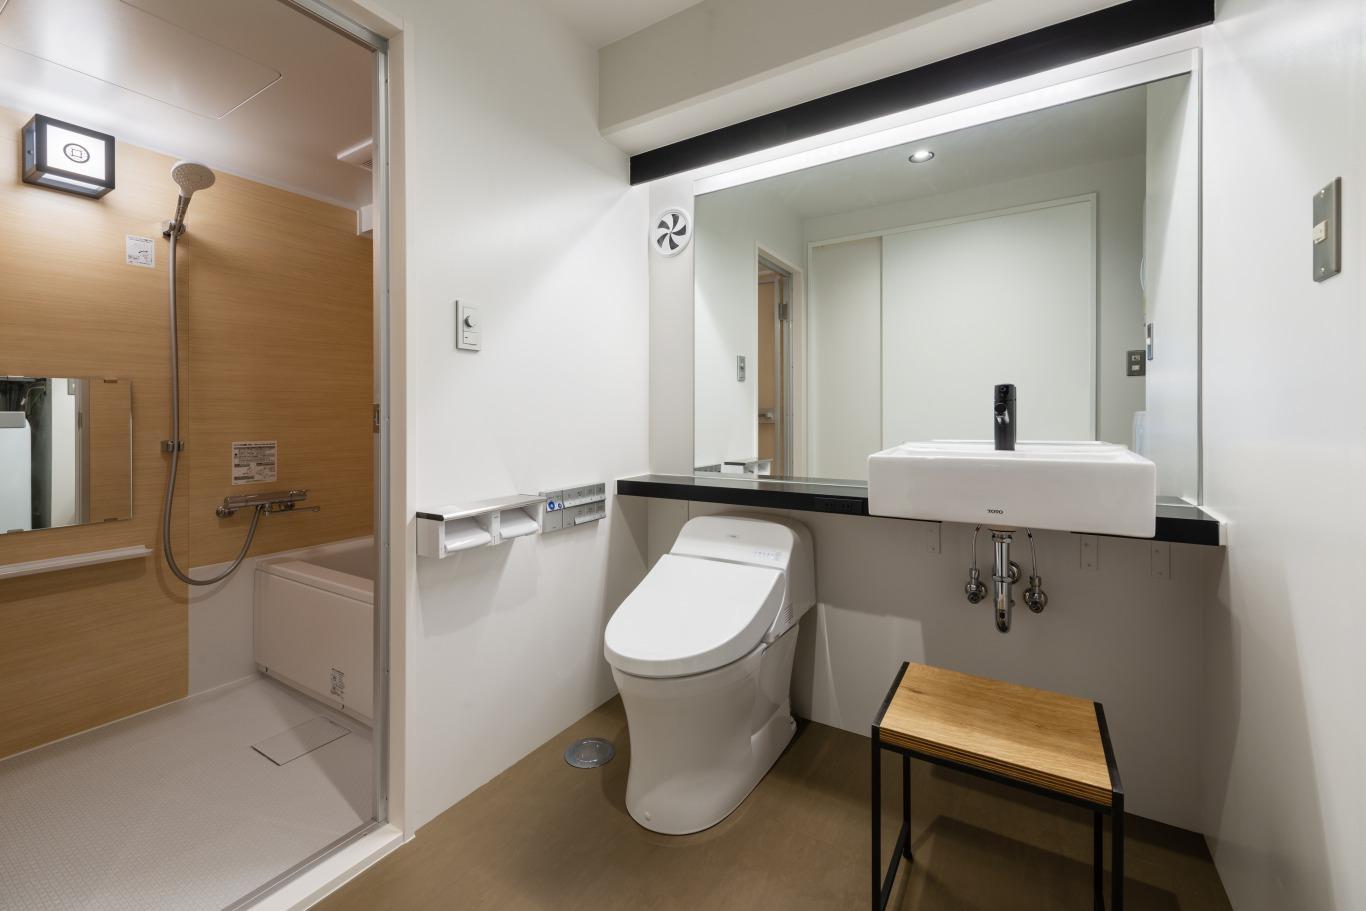 トイレと洗面スペース。大きな鏡は嬉しいポイント。